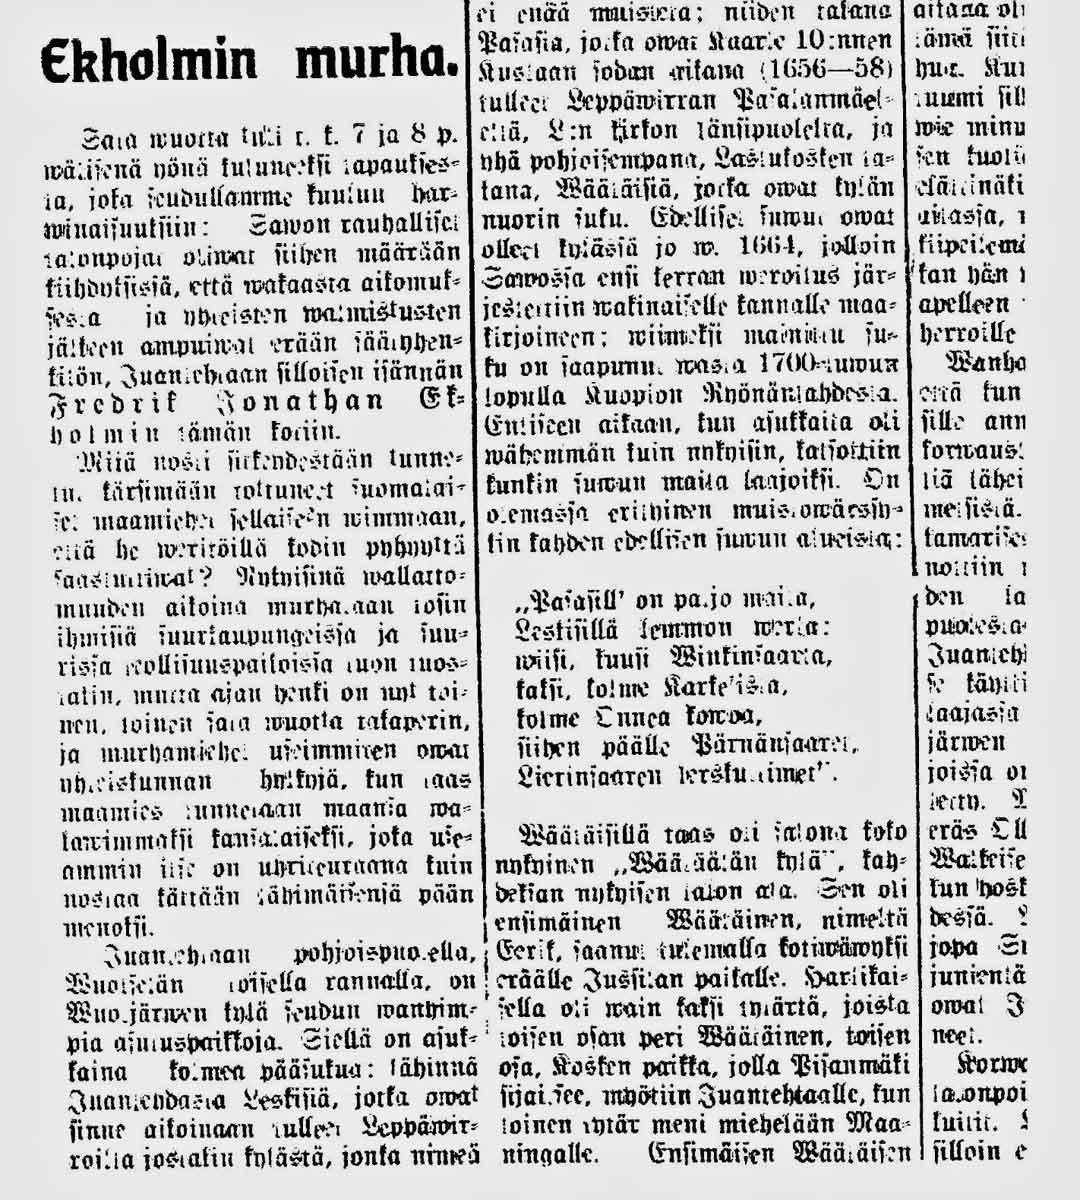 1900-luvun alkupuolella vaikuttanut Olli Koistinen (nimimerkki O.K.) julkaisi Savotar-lehdessä 114, 116/1910 selvityksen Ekholmin murhasta ja sen taustoista, paitsi asiakirjatutkimuksen myös paikallisen suullisen perimätiedon perusteella.